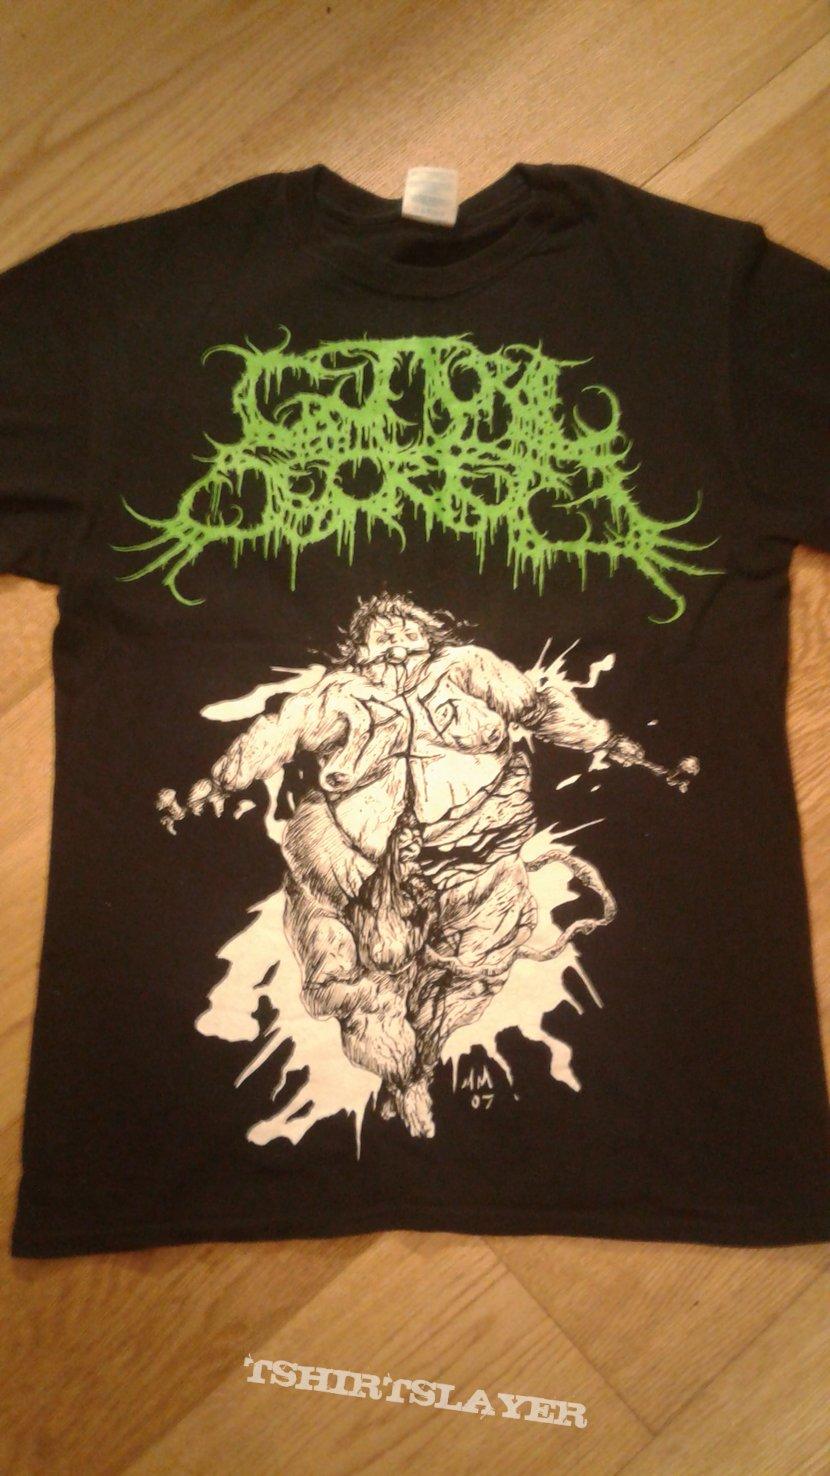 Guttural Secrete shirt